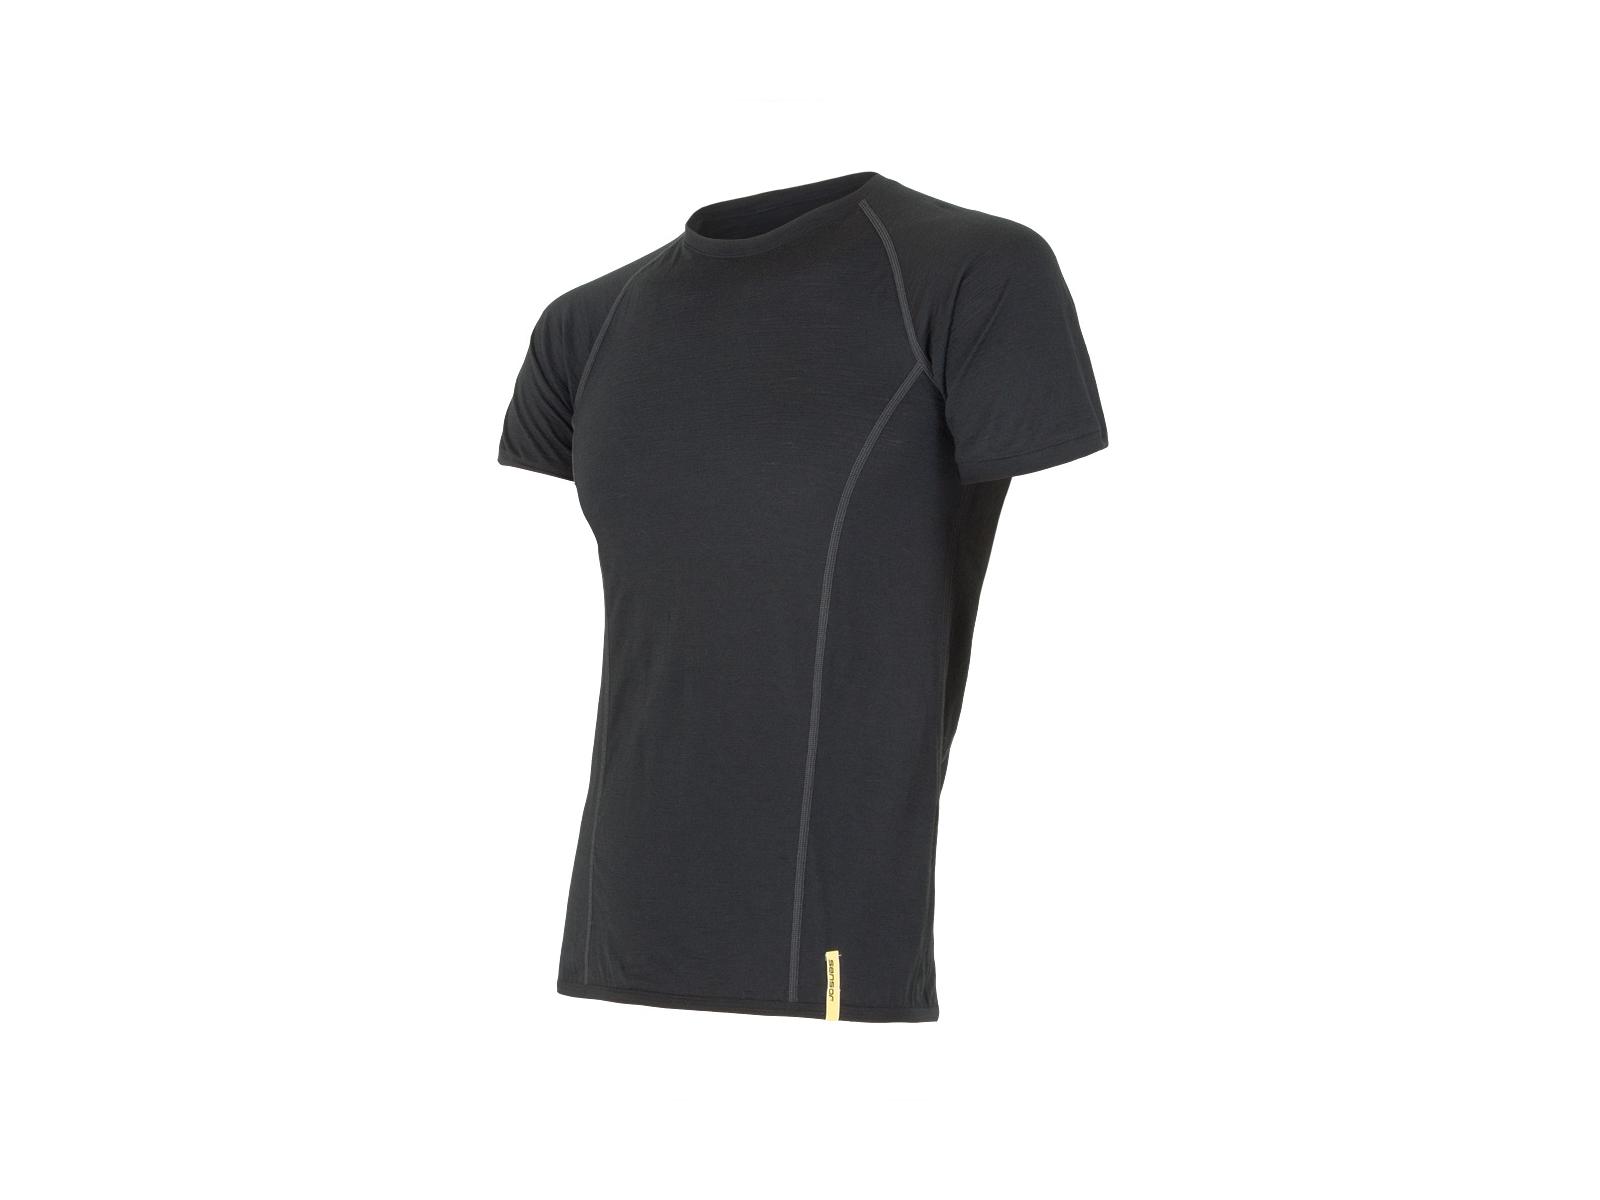 Sensor Merino Active Uld T shirt med korte ærmer Herre Sort (DKK 329,00)